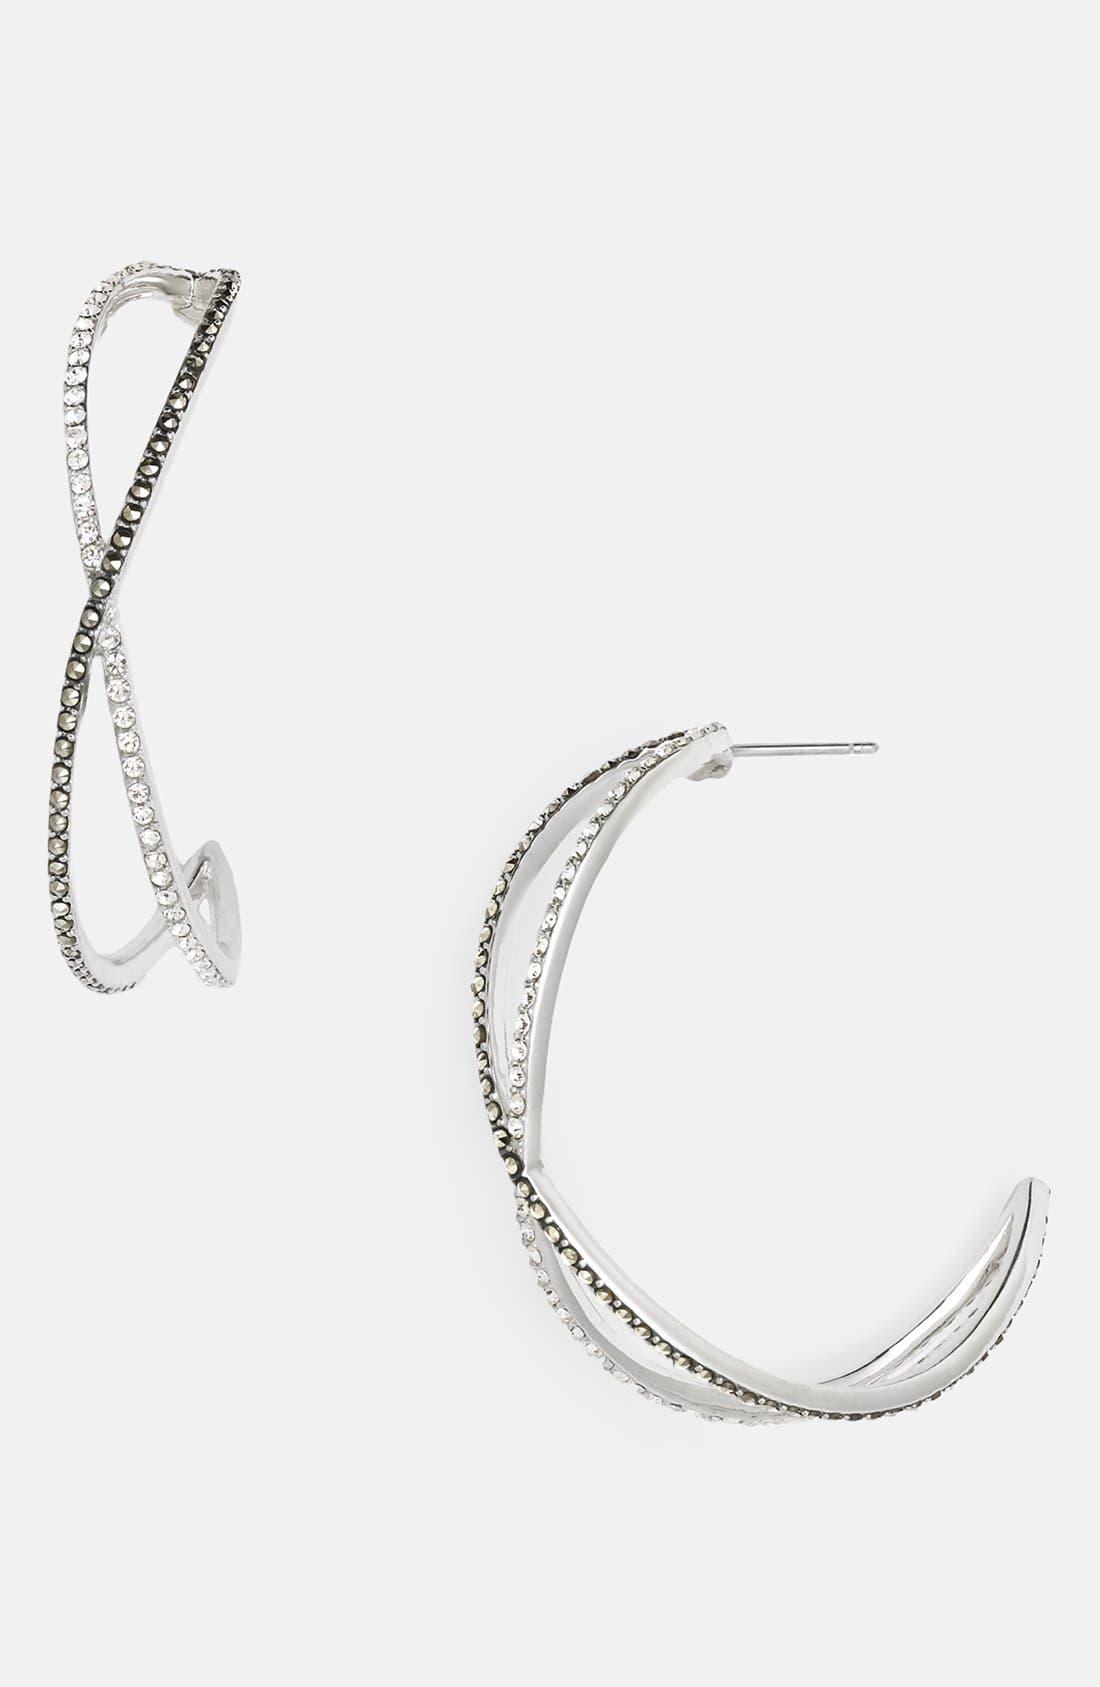 Alternate Image 1 Selected - Judith Jack 'Licorice' Large Hoop Earrings